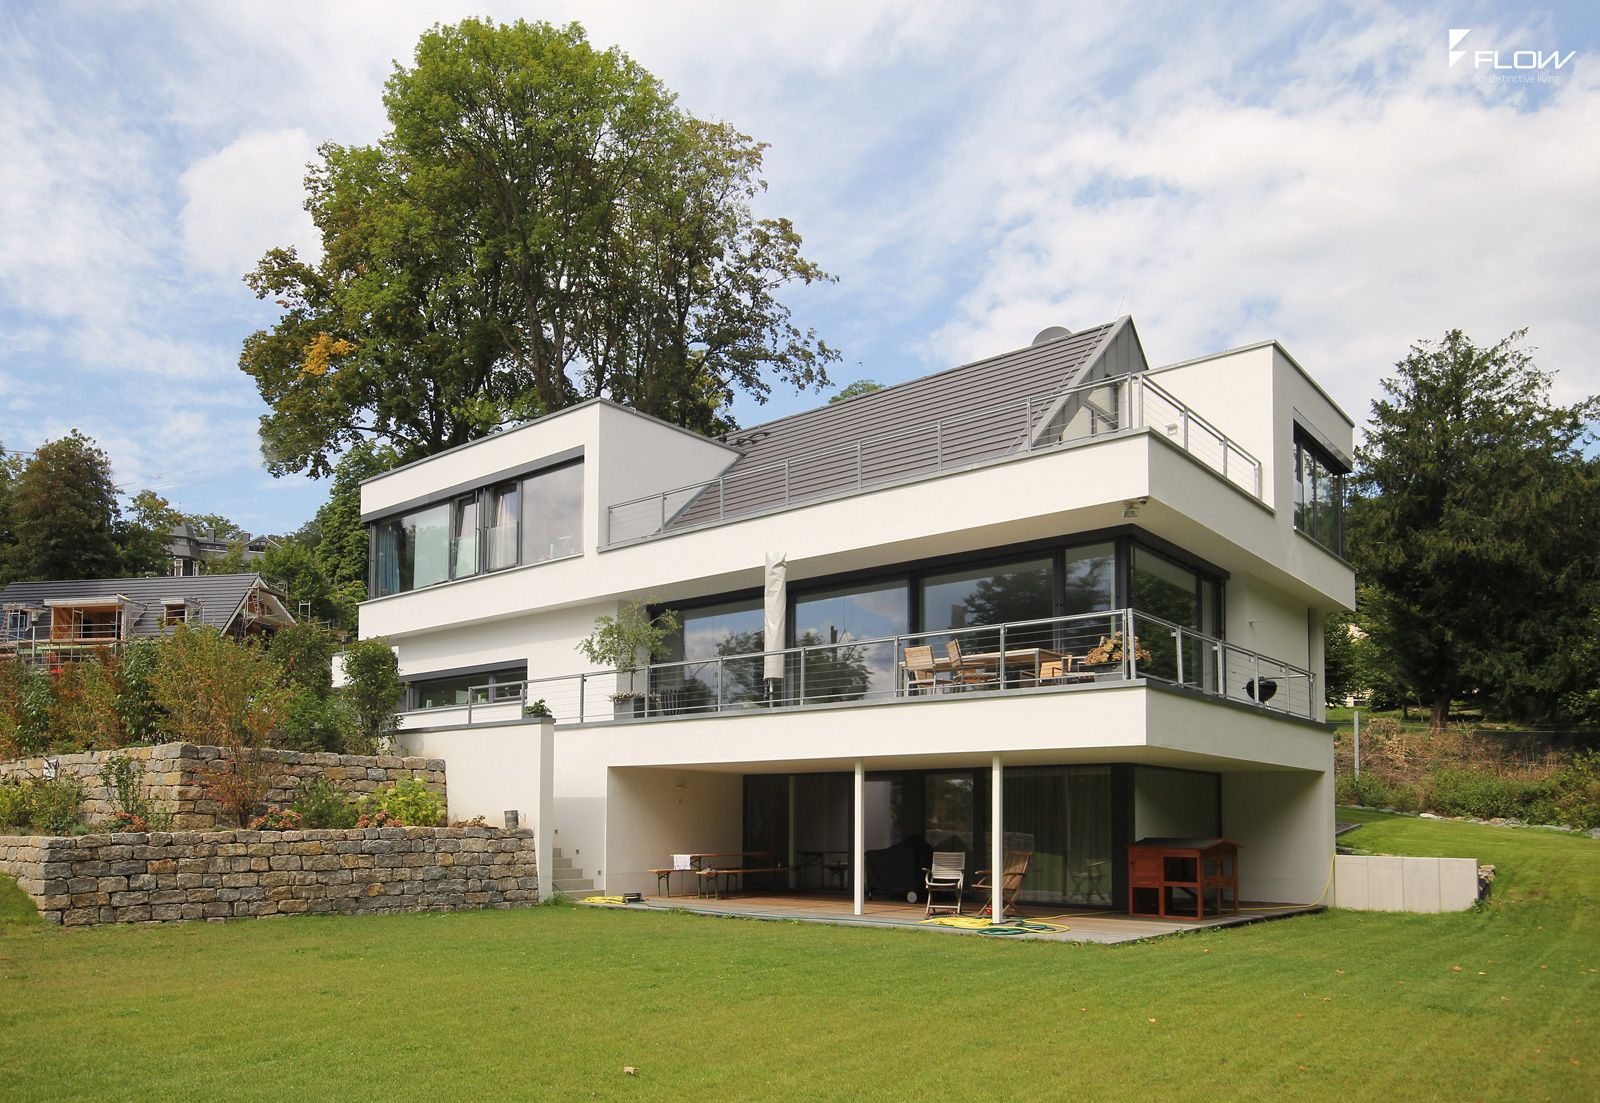 Modernes satteldachhaus im taunus bauen arquitectura y mas 4 haus satteldach y - Dachformen architektur ...